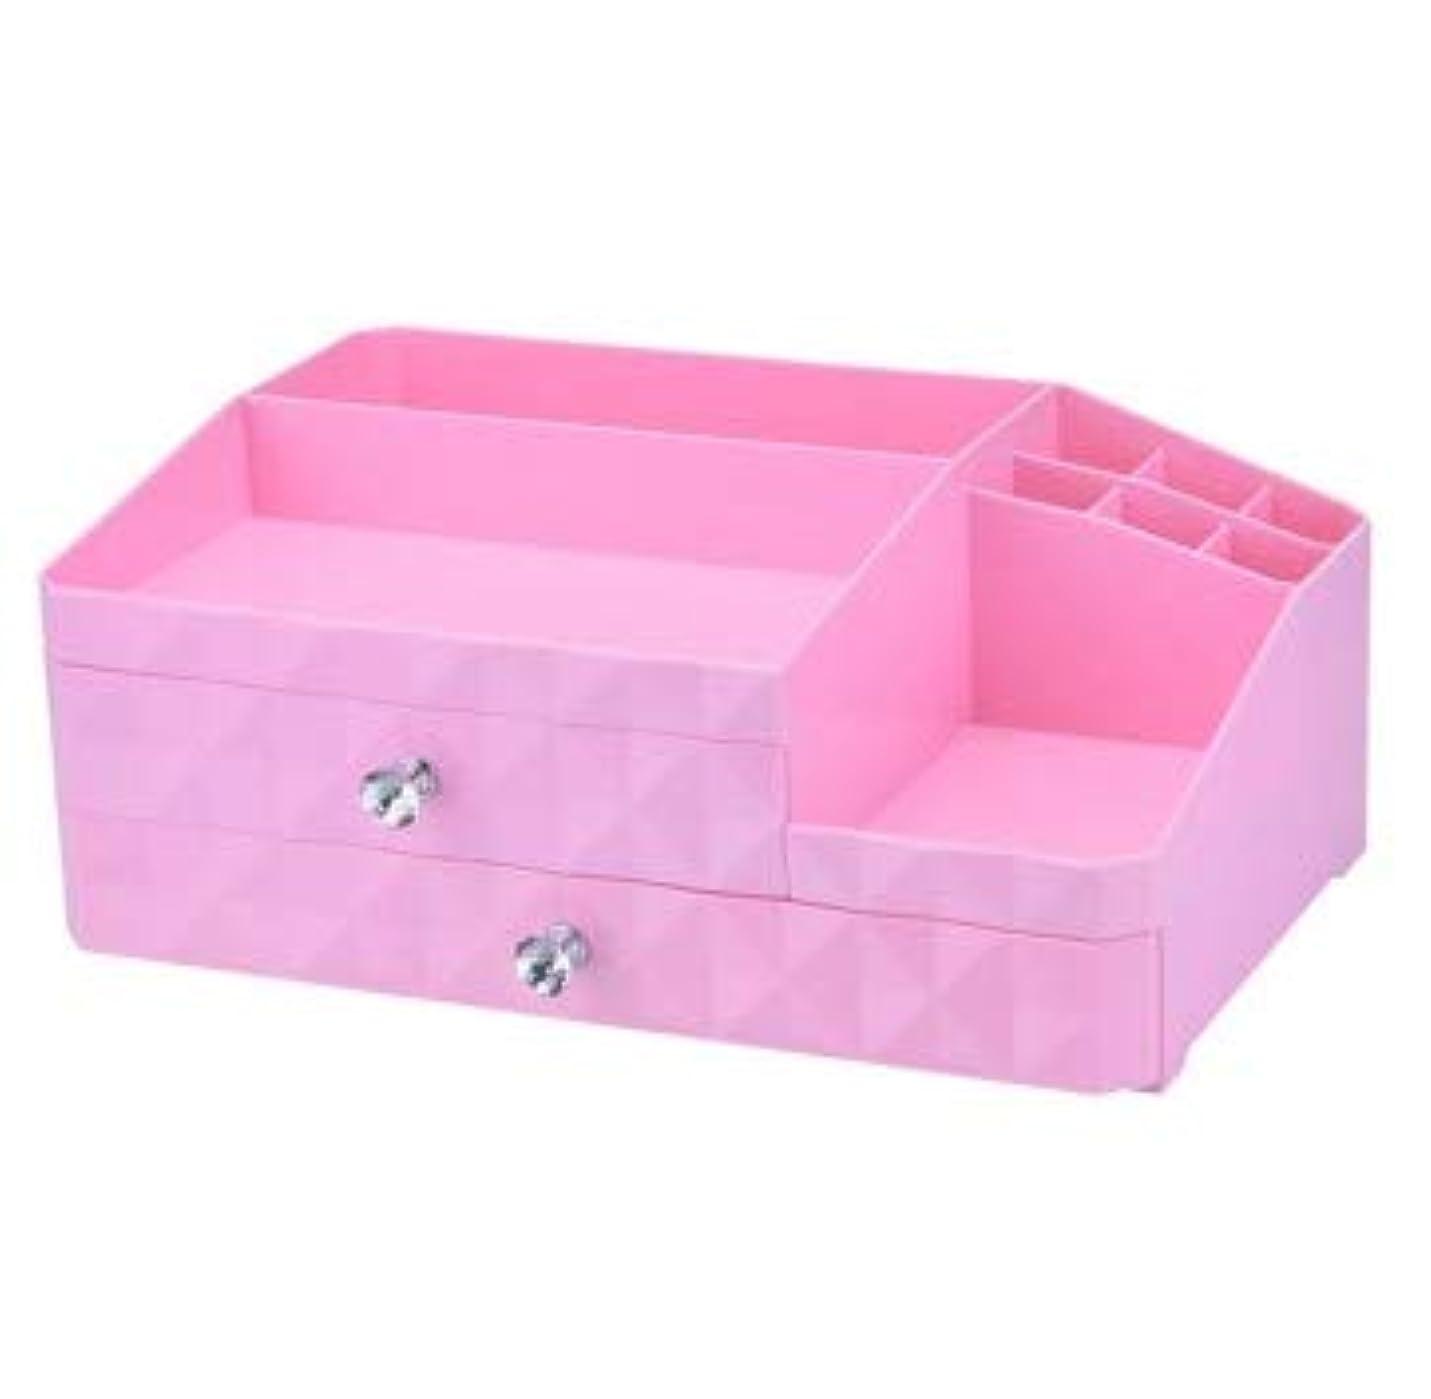 スペース哲学者書き込みデスクトップジュエリーボックス引き出し化粧品収納ボックス三層プラスチック仕上げボックス (Color : ピンク)